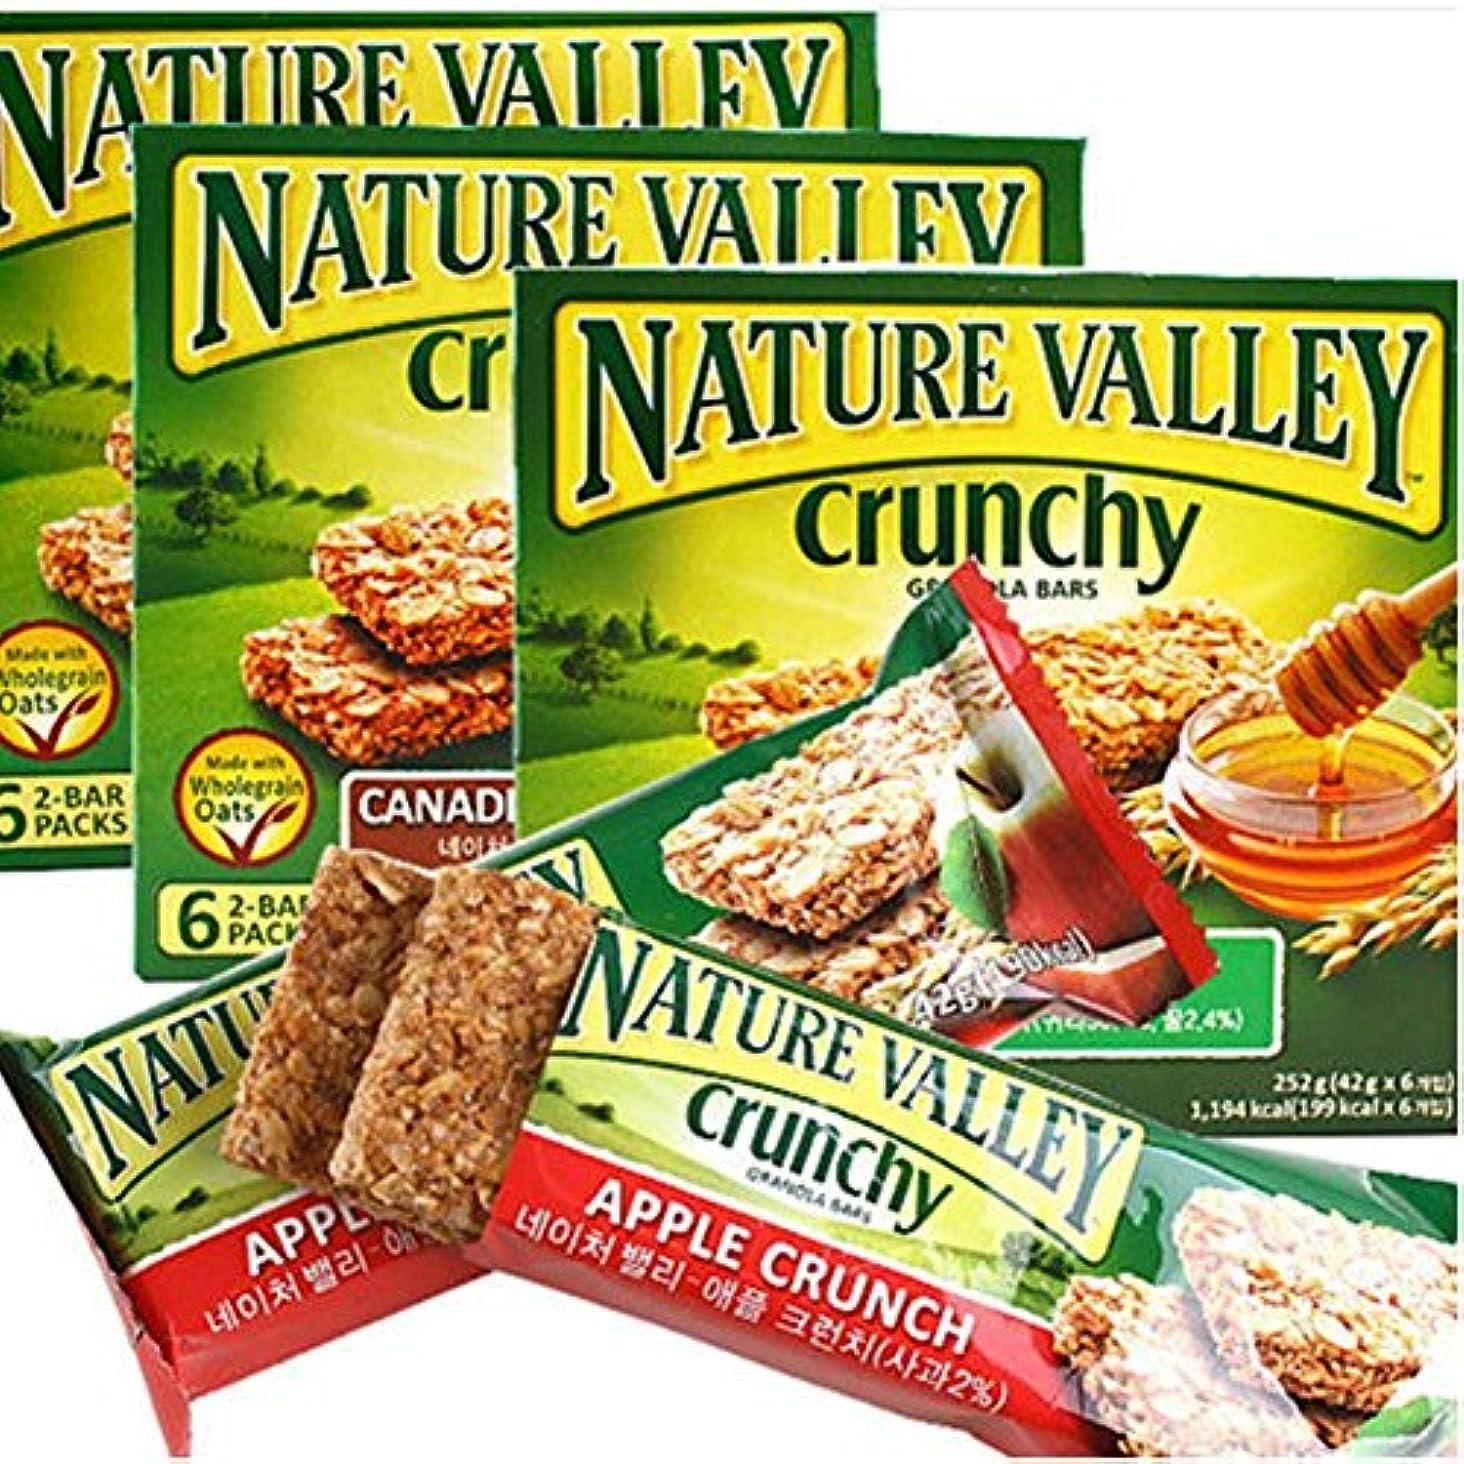 辛なウィザード拡散する[ネイチャーバレー/Nature Valley] CANADIAN MAPLE SYRUP/ネイチャーバレークランチグラノーラバー42g5パックx3 Box - メープルシロップ(合計15袋)穀物バー/シリアル/栄養のバー...